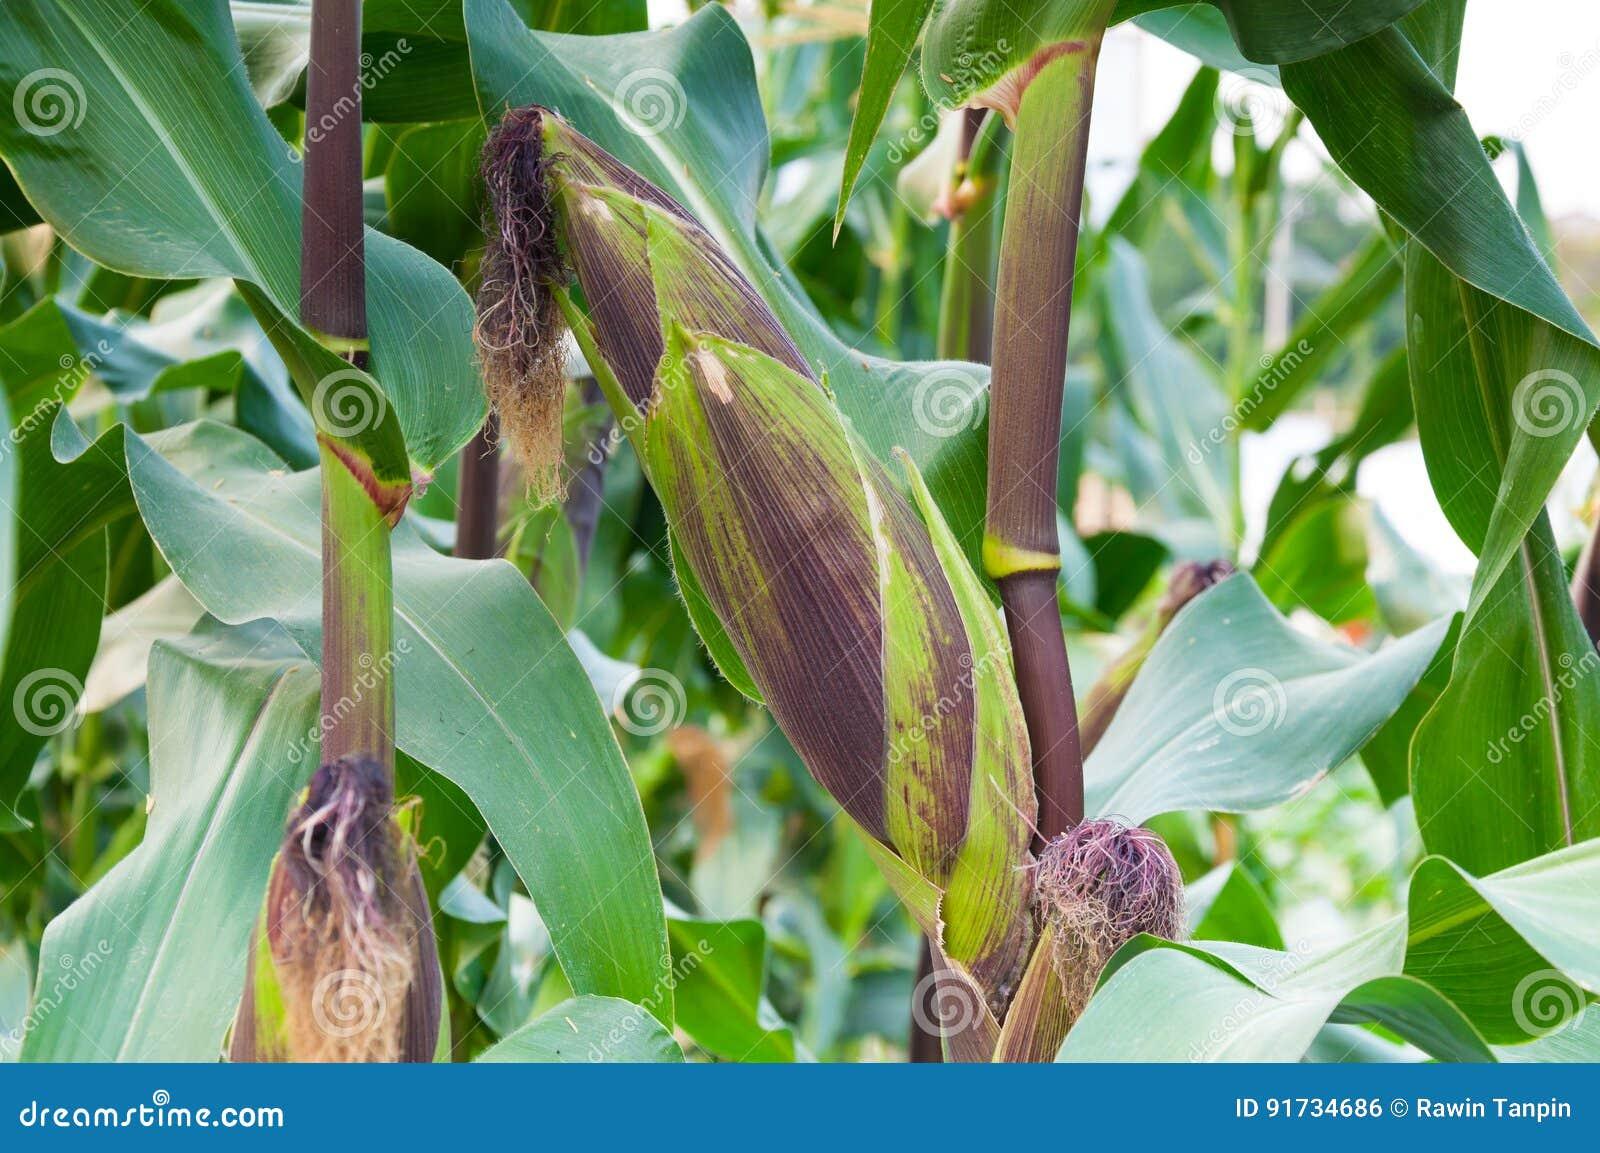 Purpurroter frischer Mais des Pfeilers auf dem Stiel, bereiten für Ernte, purpurroter Mais in der Feldlandwirtschaft vor